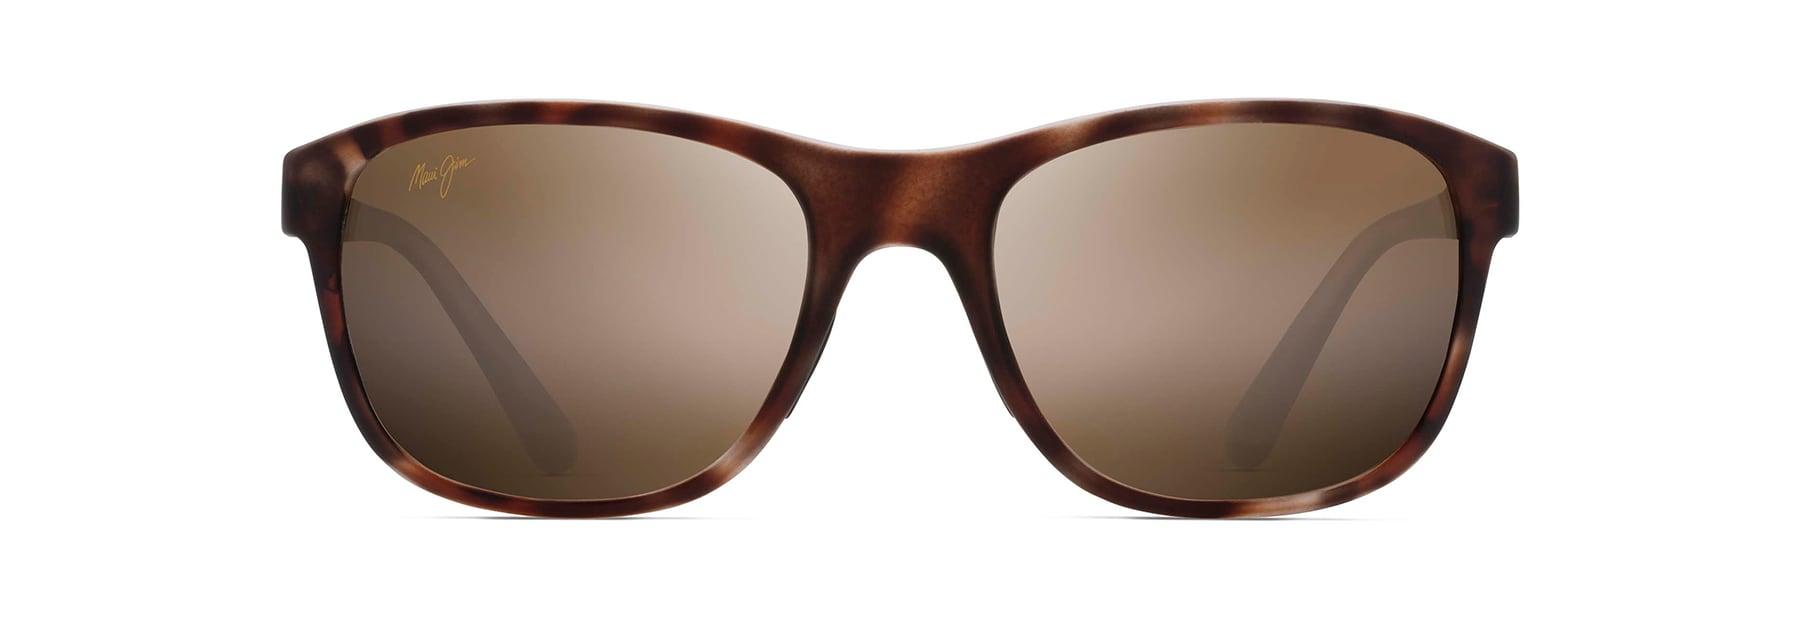 2e9e18c67db WAKEA. Polarized Classic Sunglasses